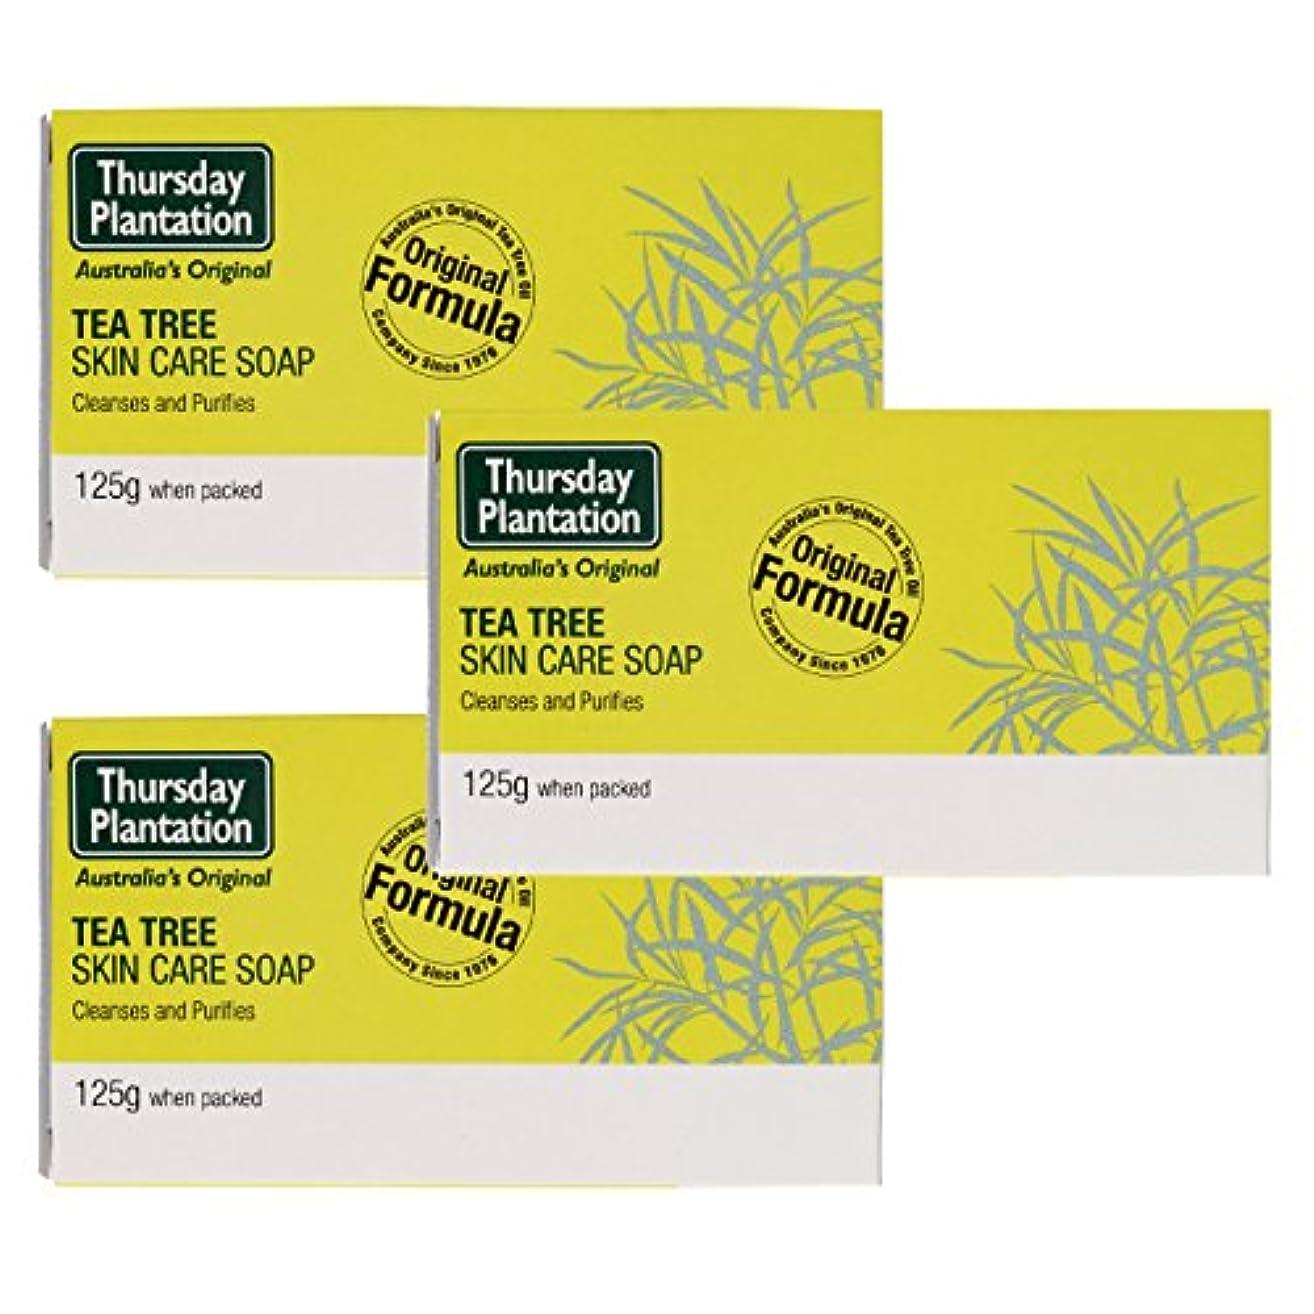 風変わりな神秘的なトラックティーツリー スキンケア ソープ 125g x3 Thursday Plantation Tea Tree Skin Care Soap [並行輸入品]